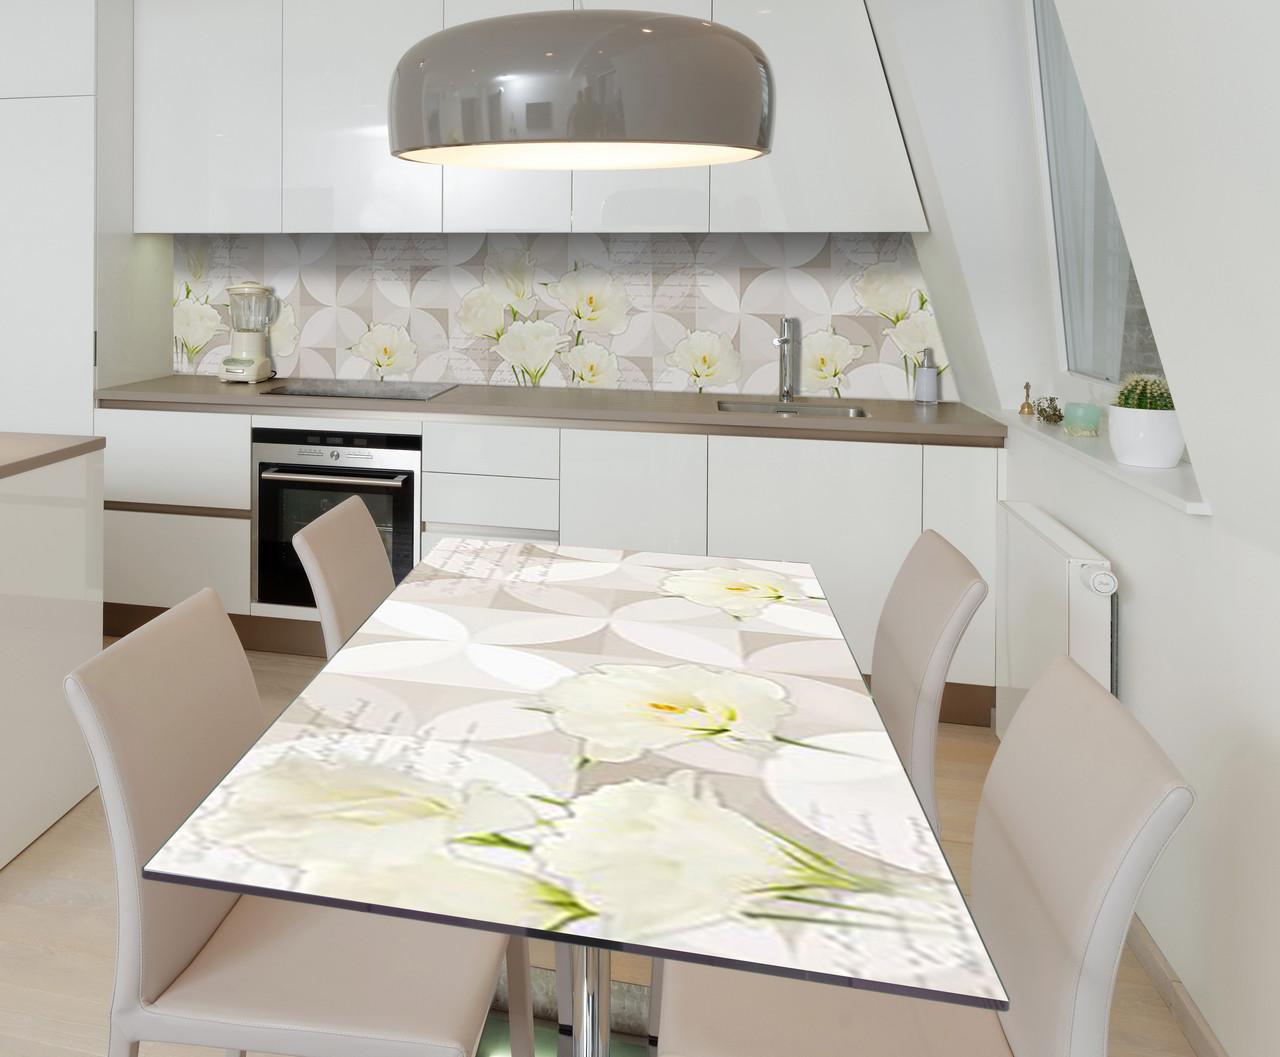 Наклейка 3Д виниловая на стол Zatarga «Кремовый бархат» 600х1200 мм для домов, квартир, столов, кофейн, кафе